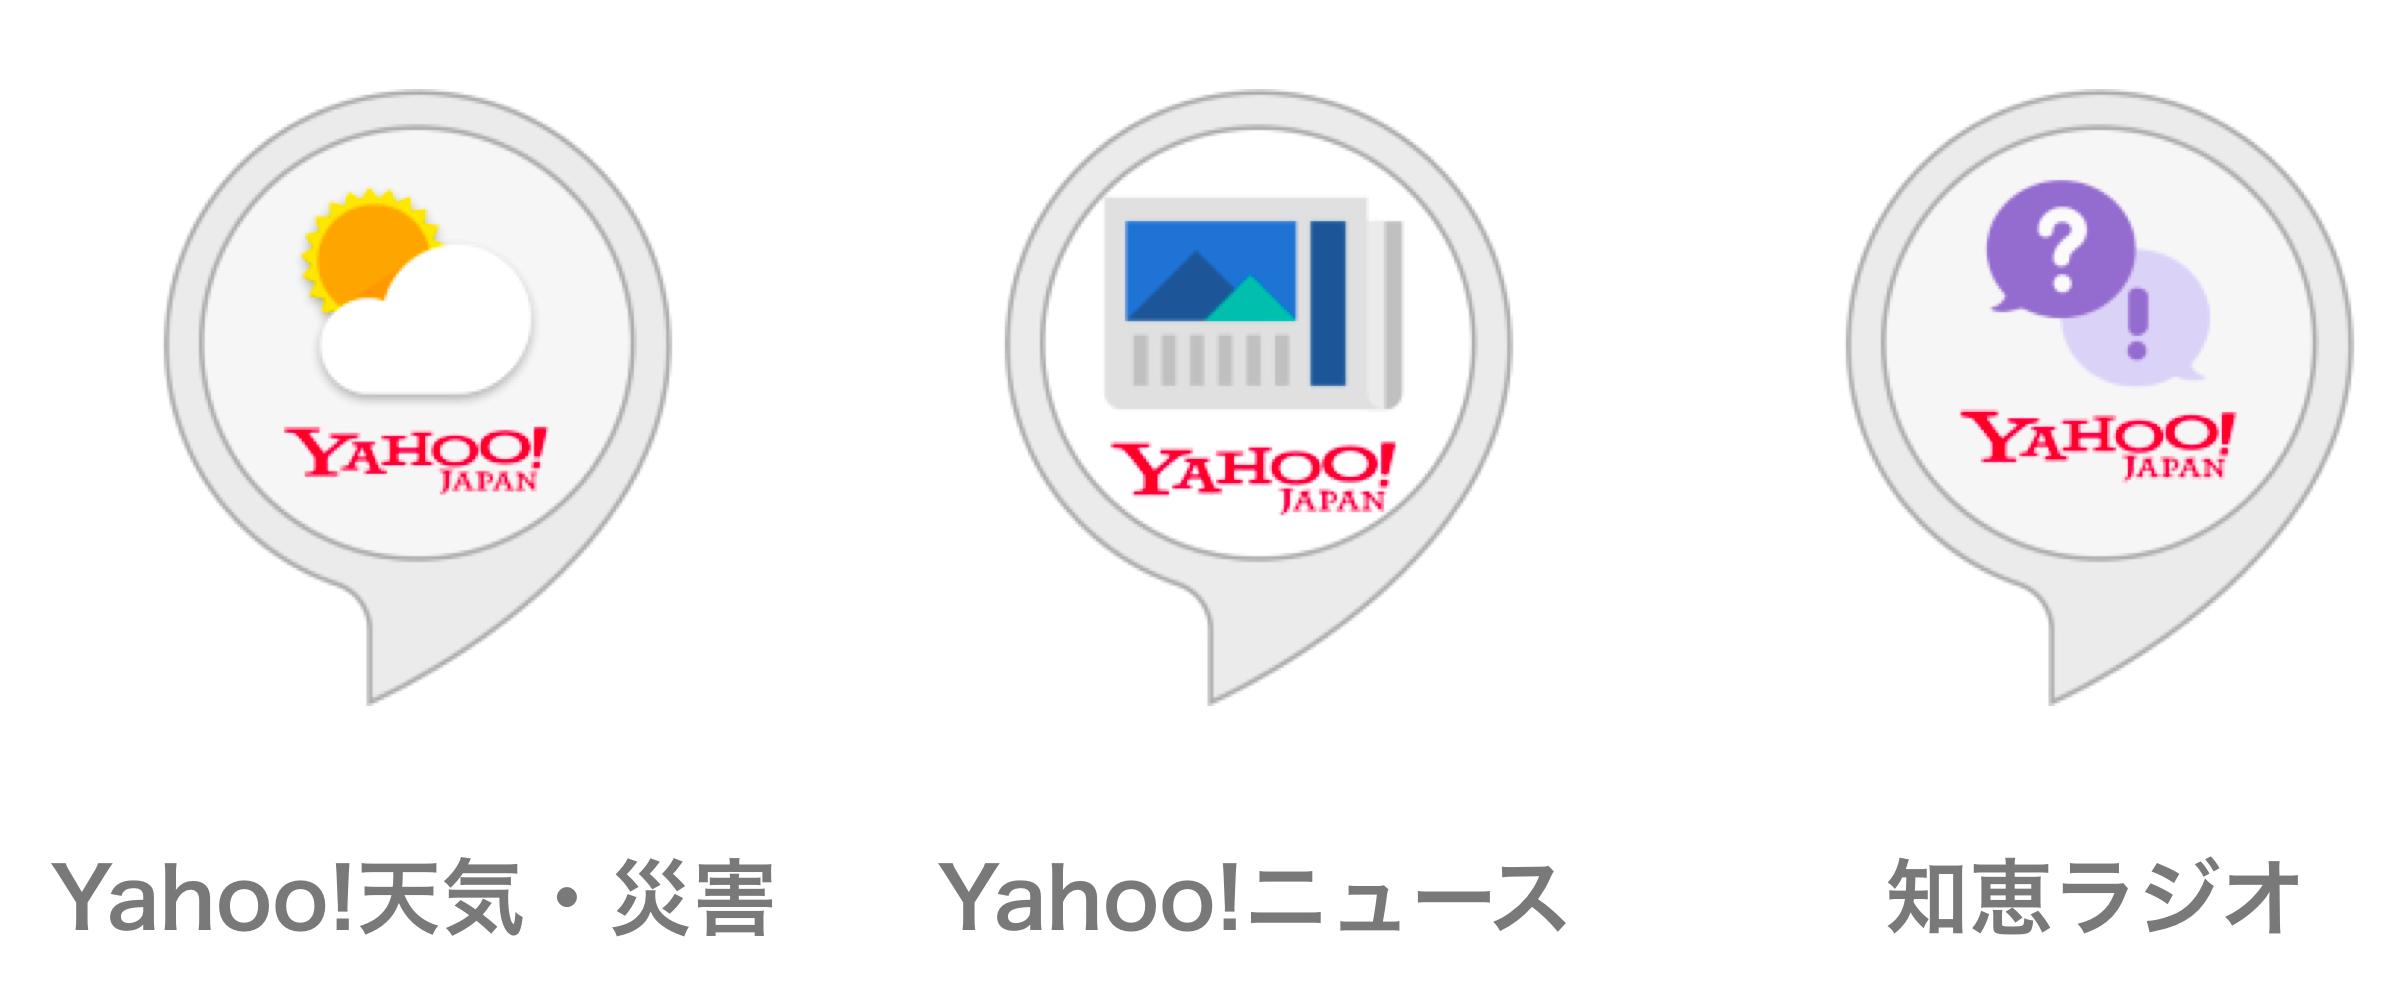 yahoo skill icons